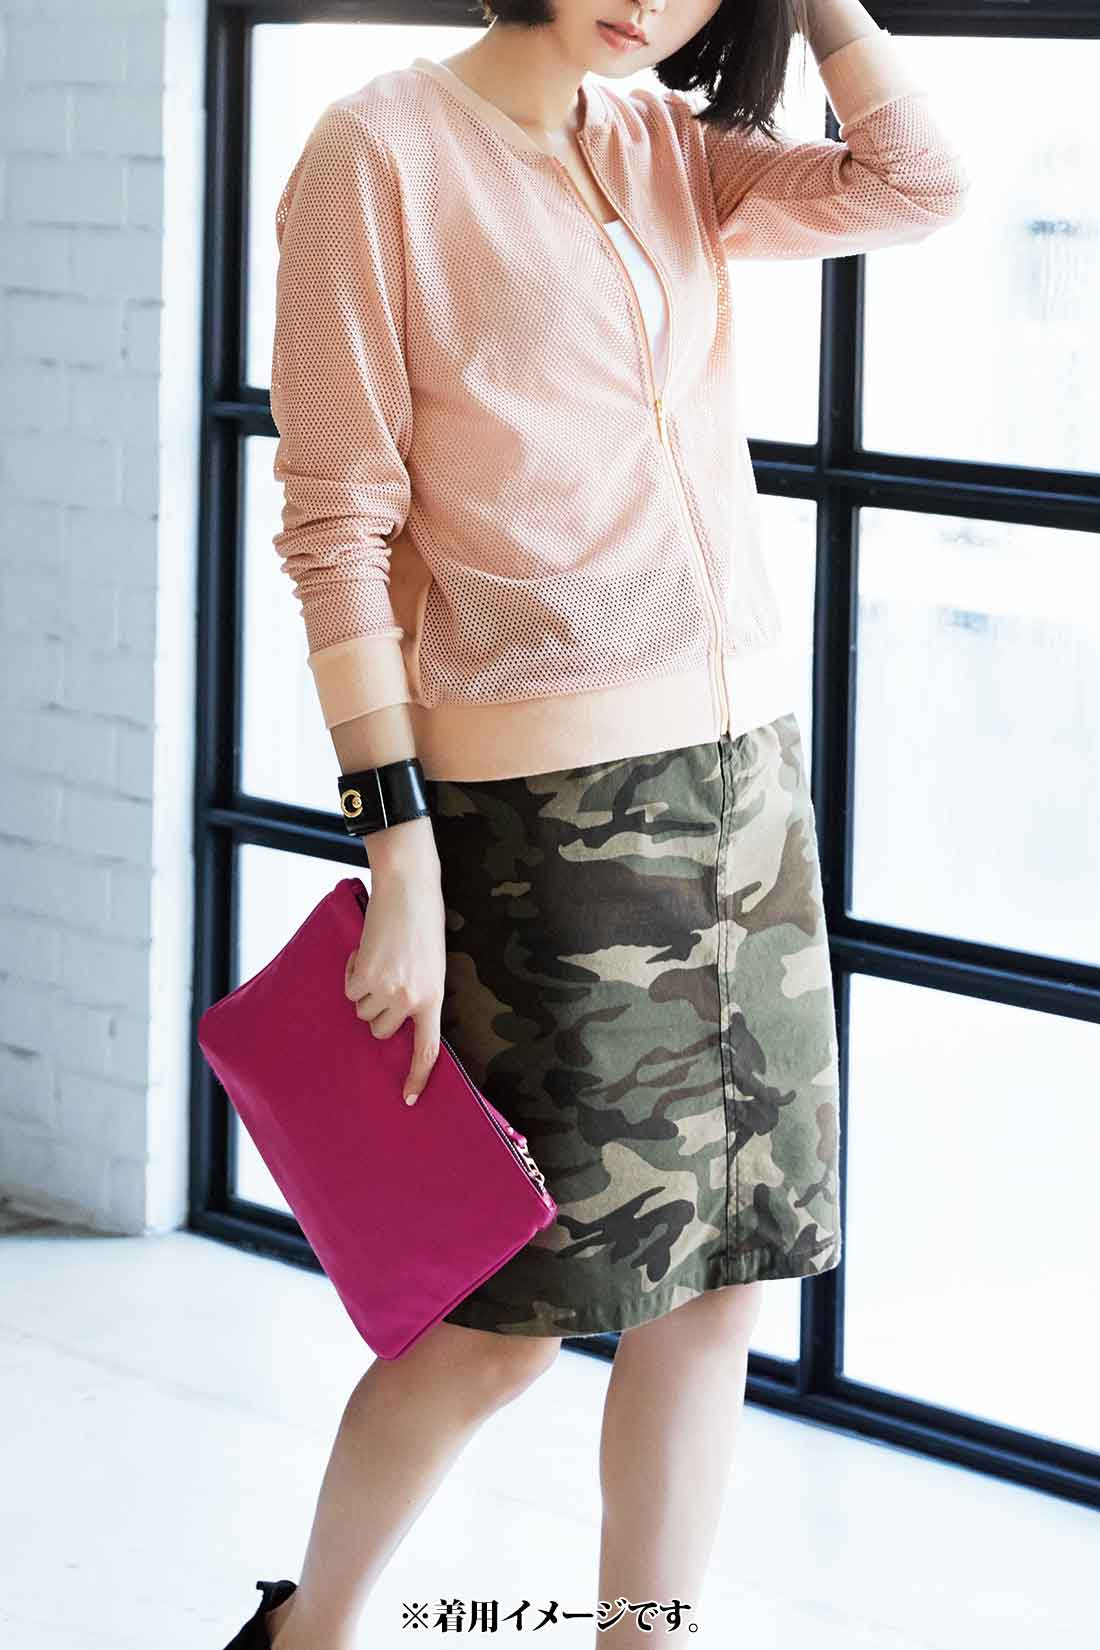 カモフラ柄とスモーキーピンクの配色はバツグン! トレンドのメッシュブルゾンもピンクなら着こなしの幅が広がります。